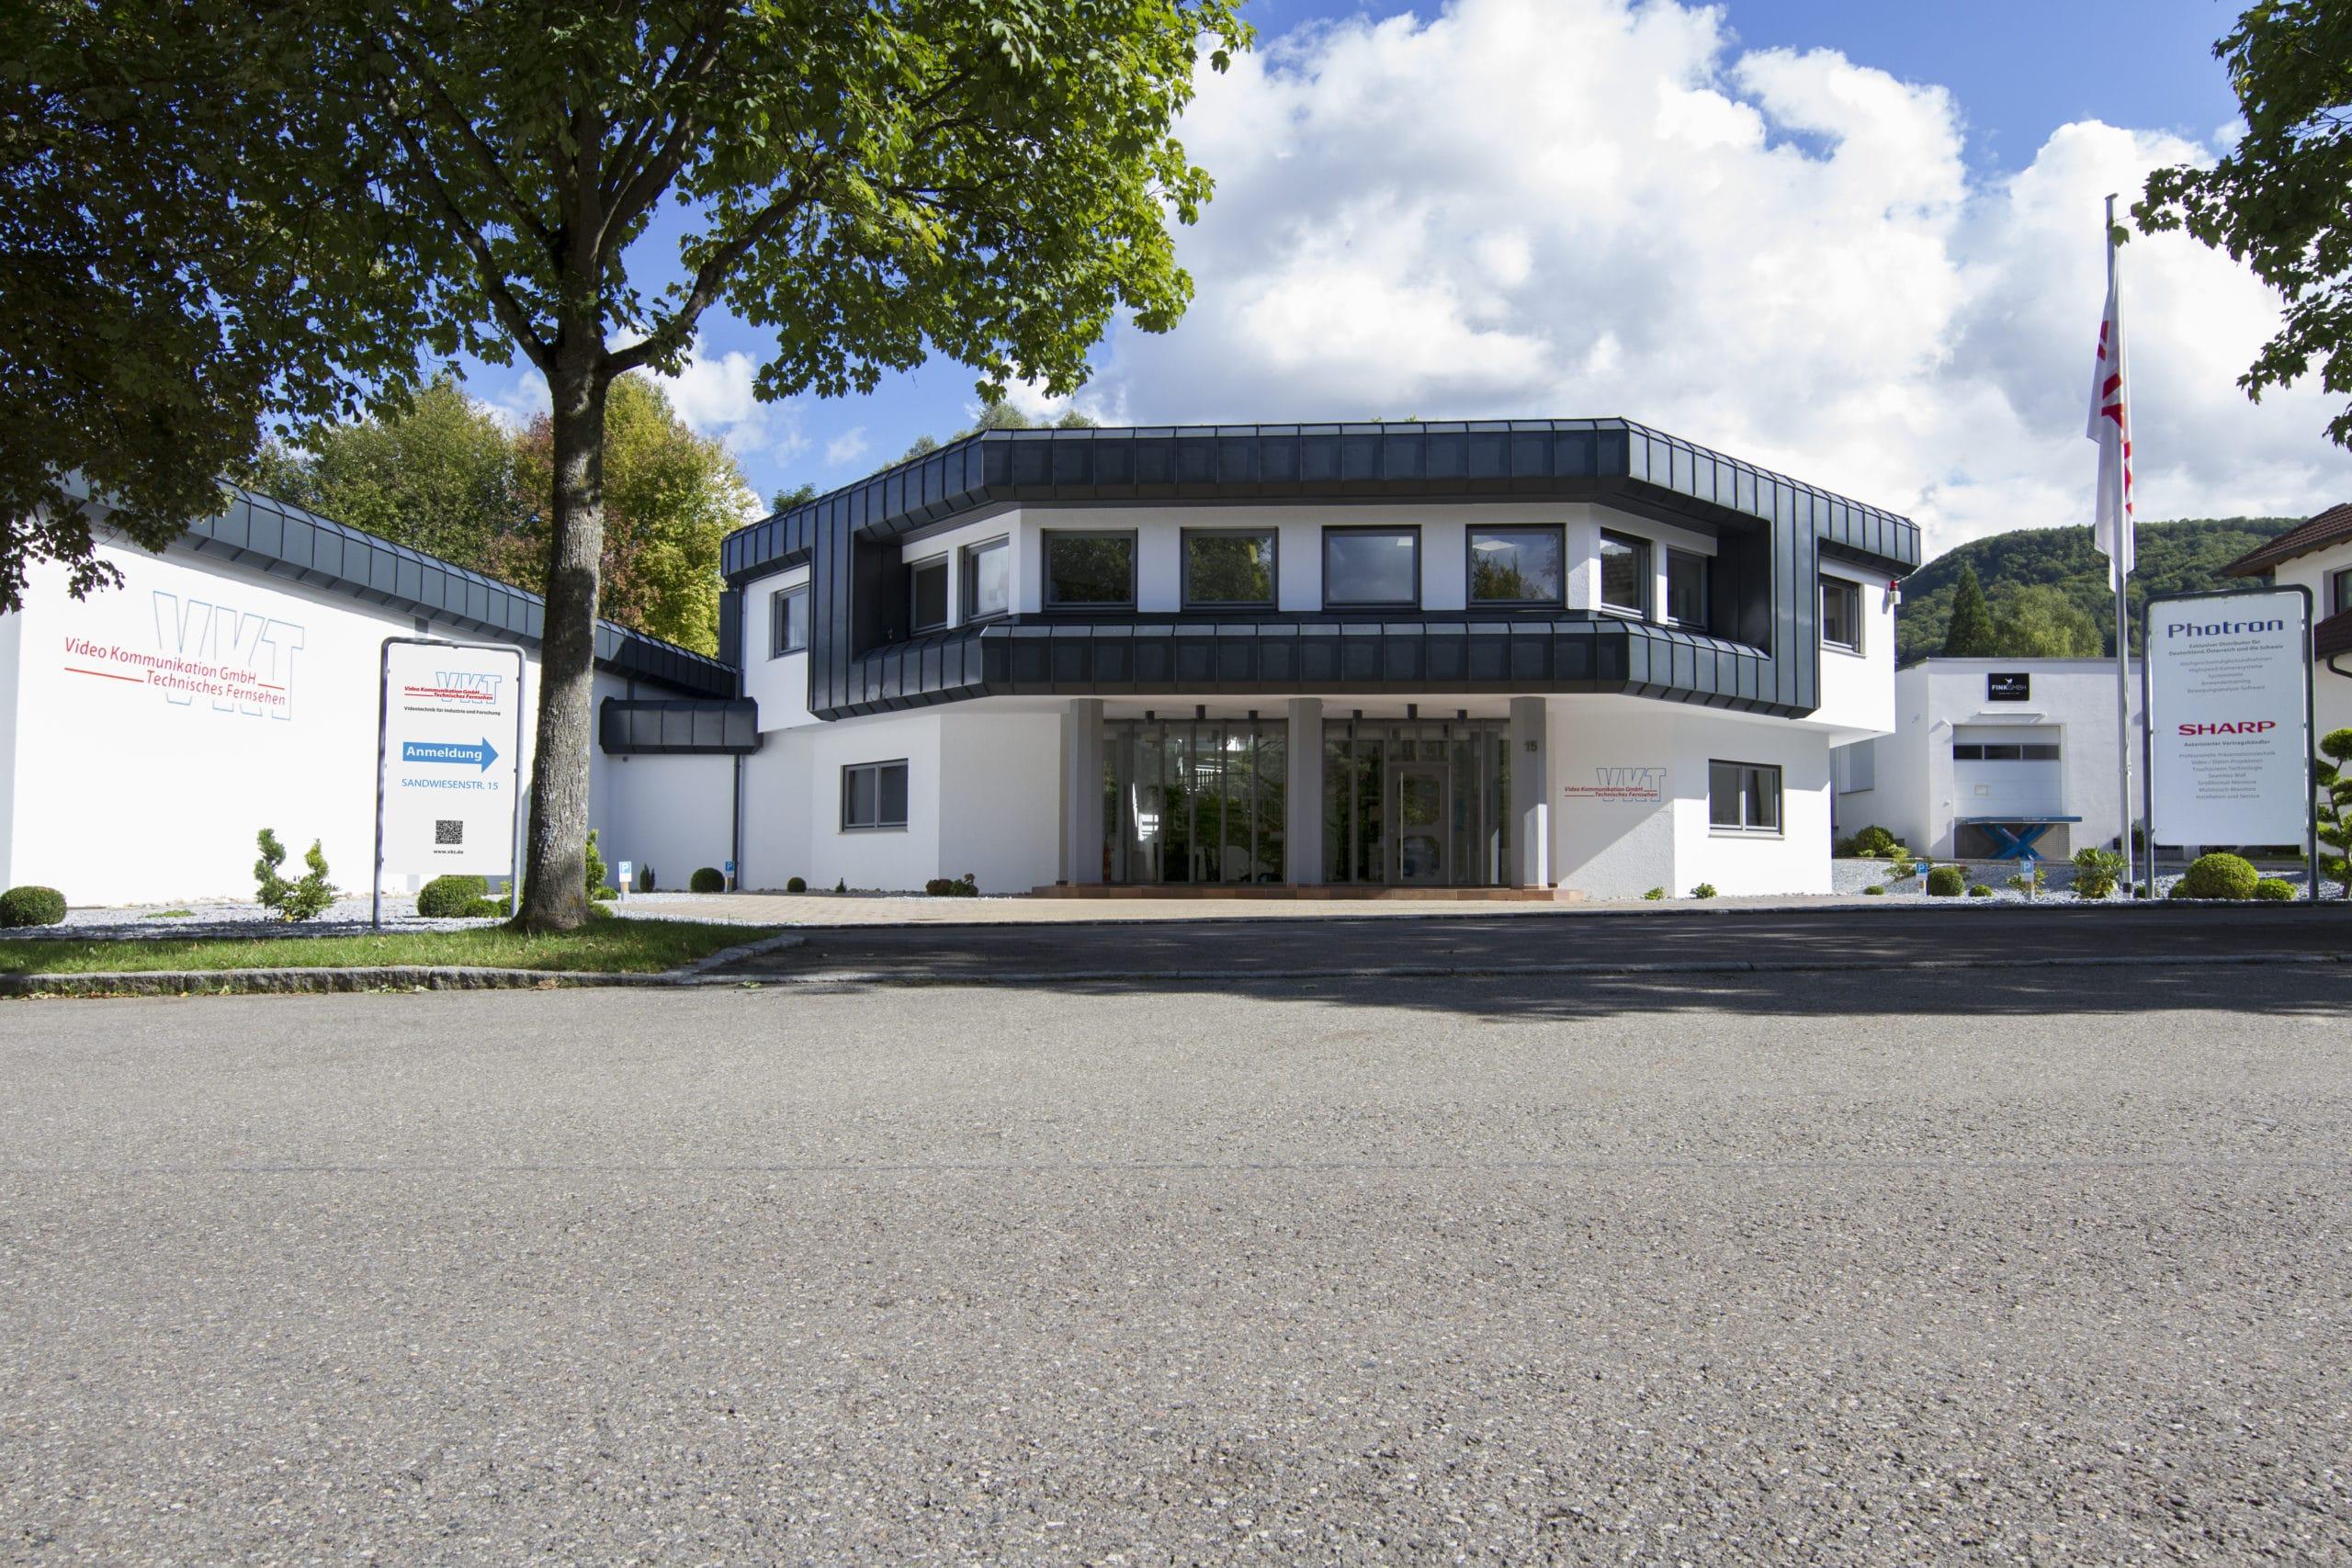 VKT Firmengebäude in Pfullingen